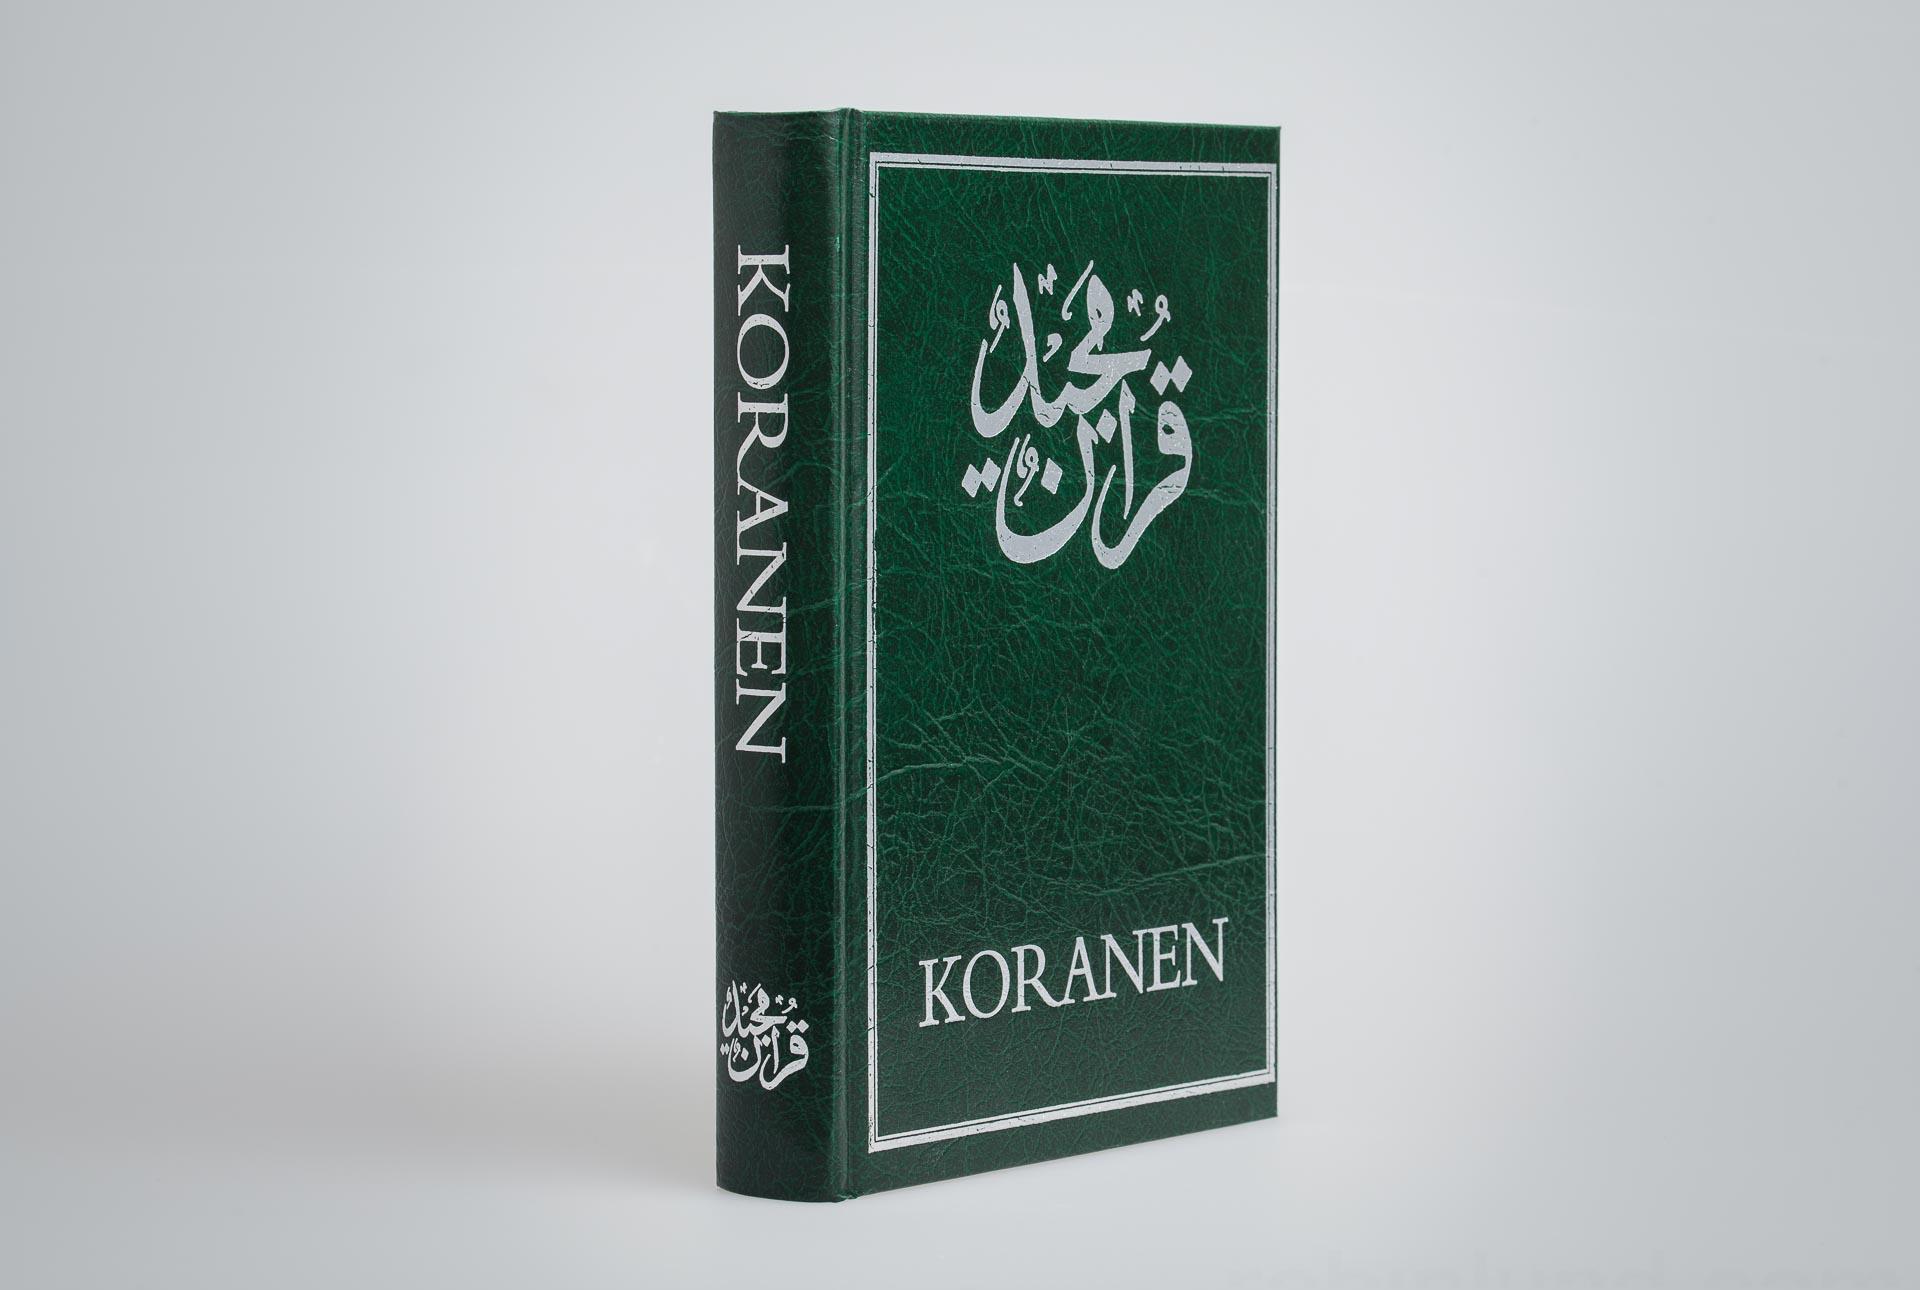 jibril og koranen